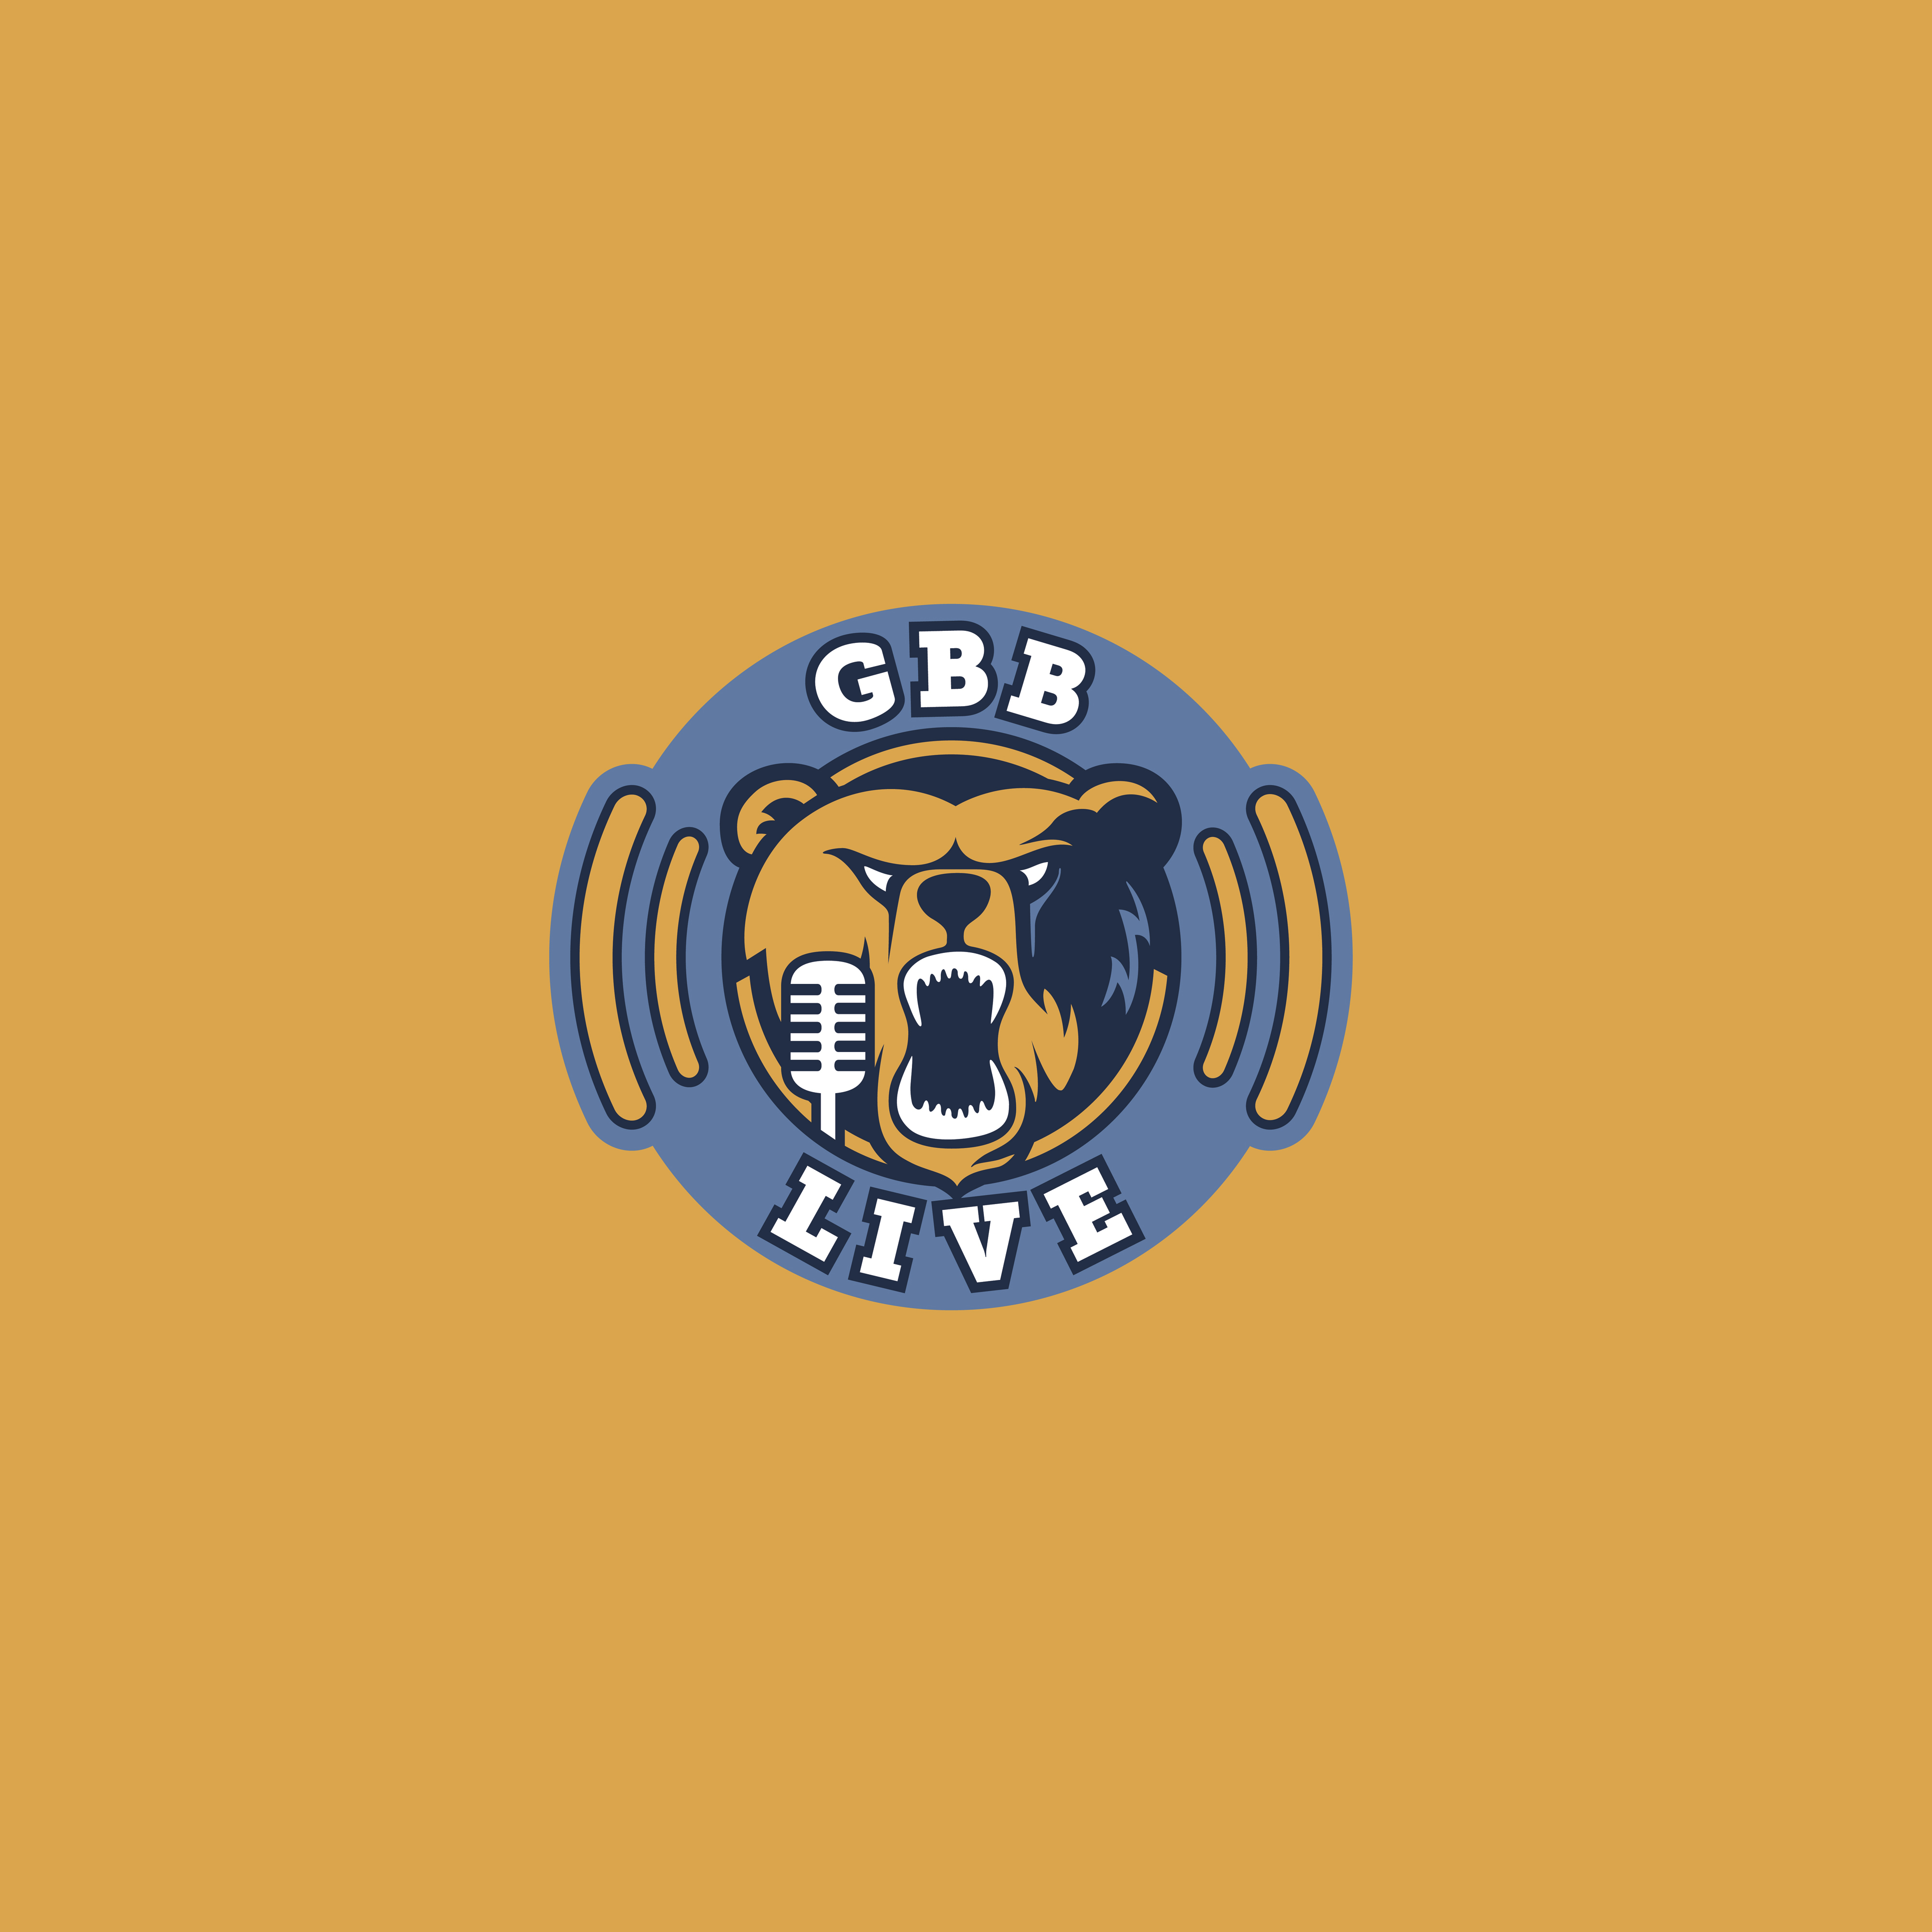 GBBLive logo big